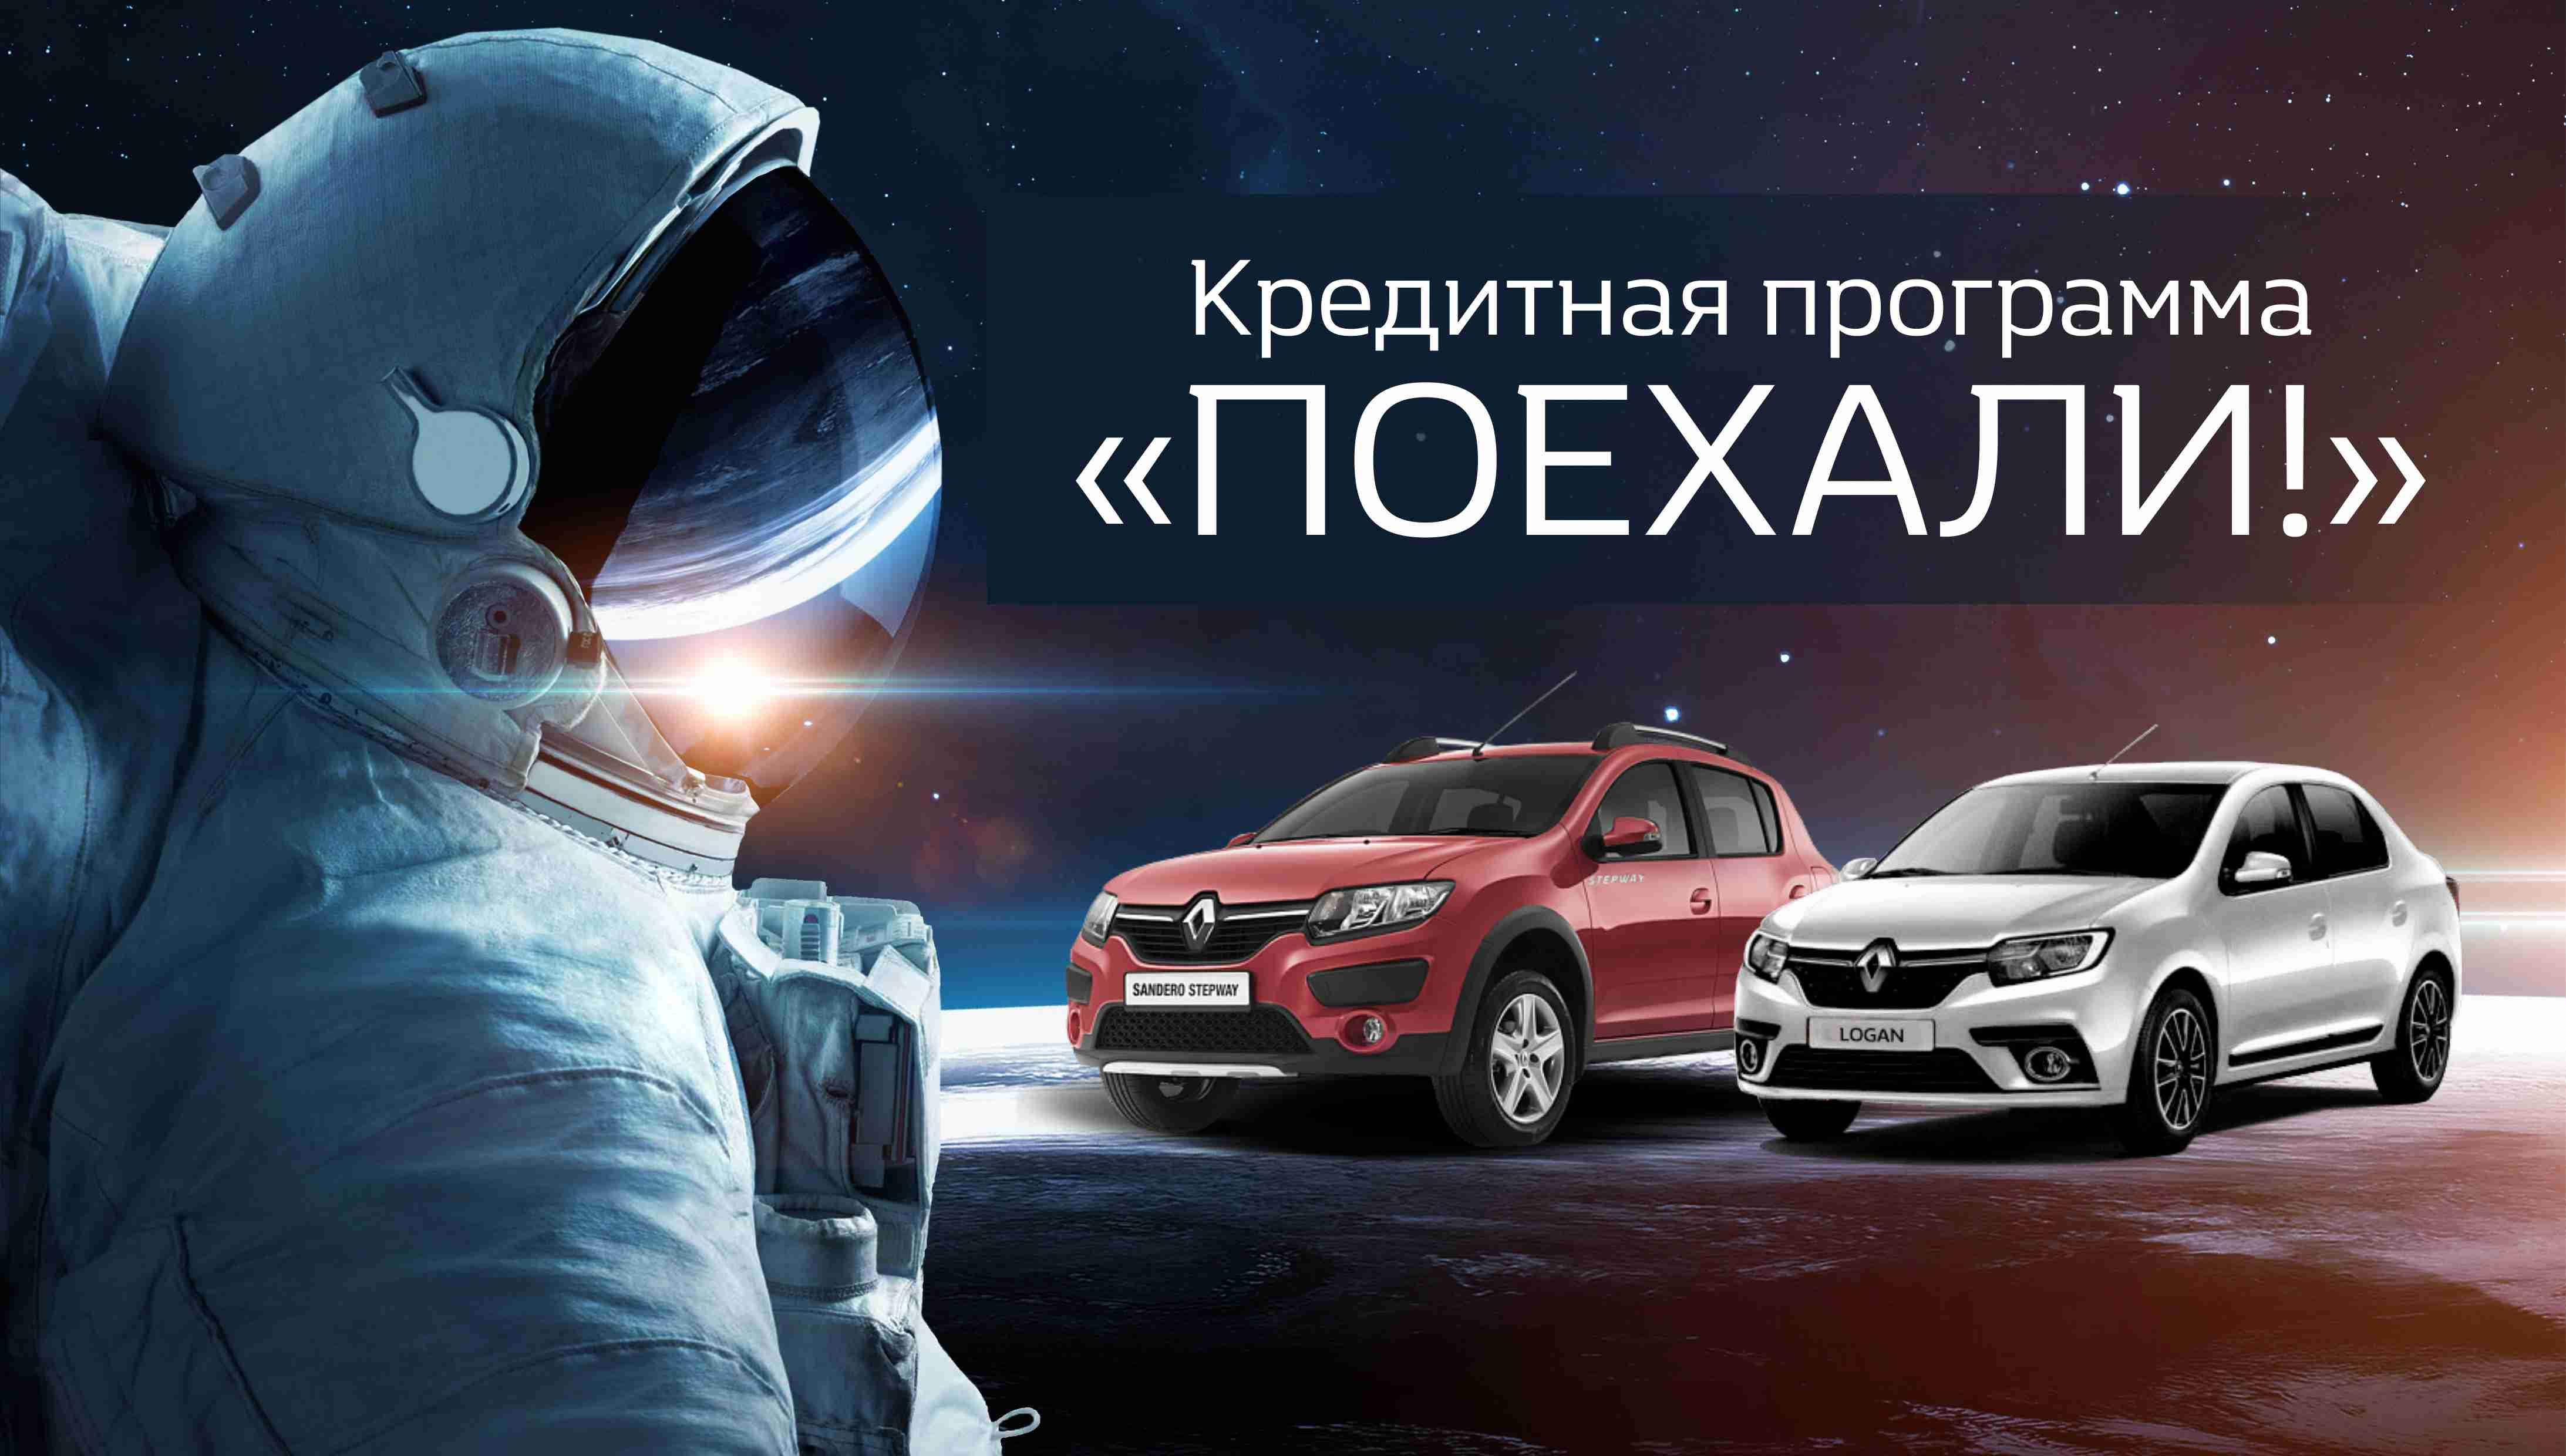 Просто космос: новый автомобиль от 3900 рублей в месяц*